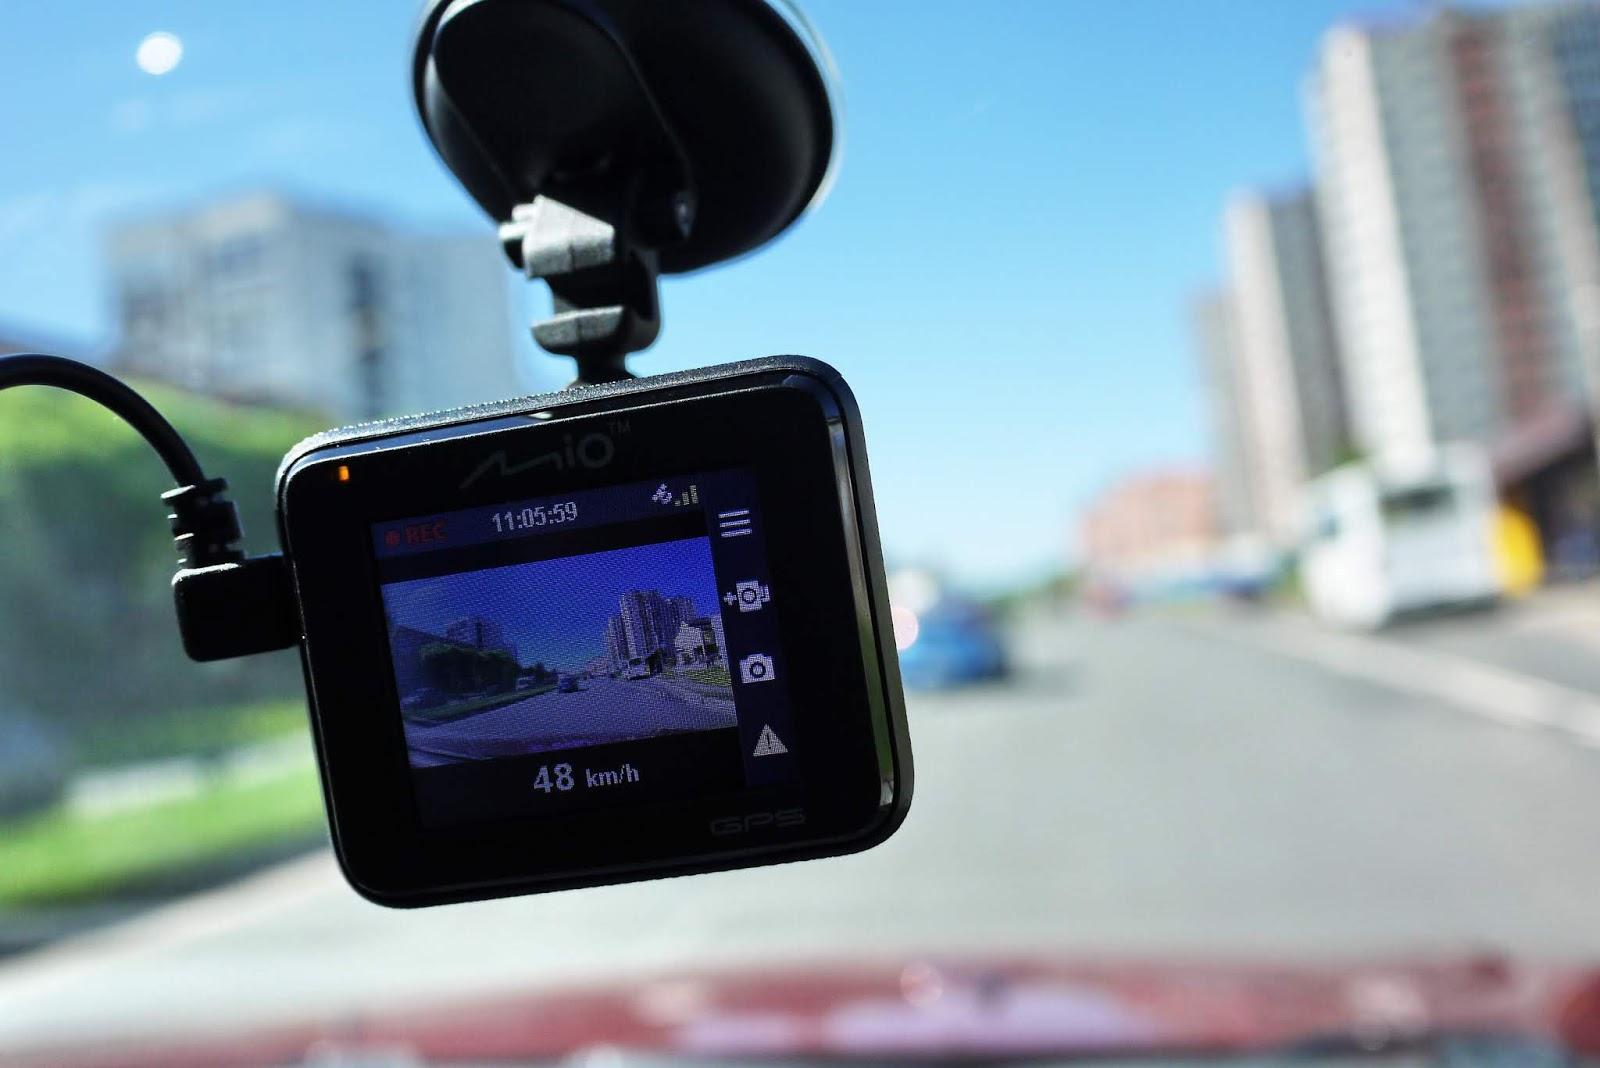 Смотреть видео с регистратором регистратор на зеркале эльдорадо